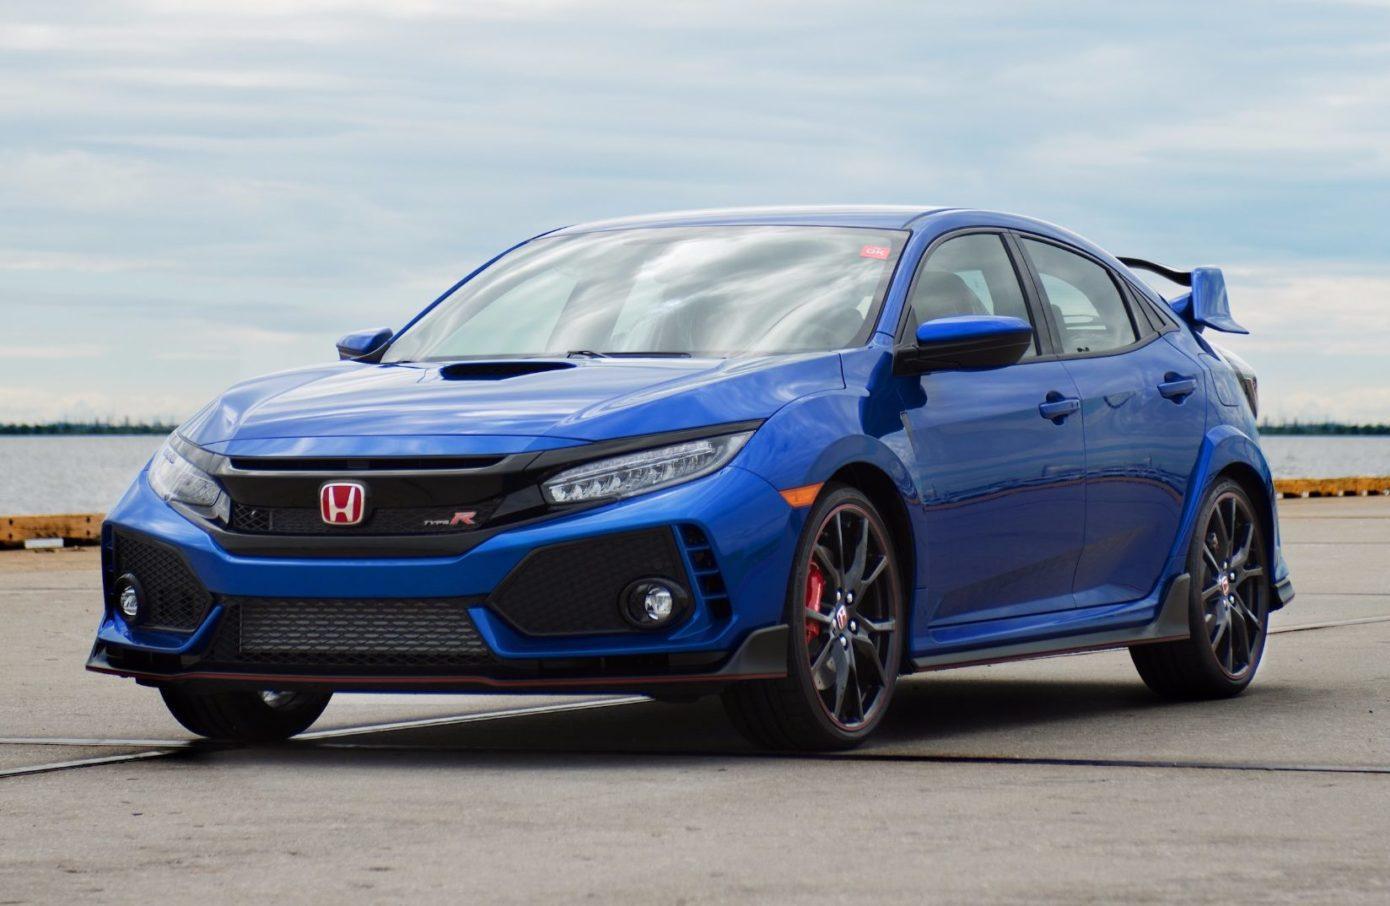 Blue Honda Civic Type R